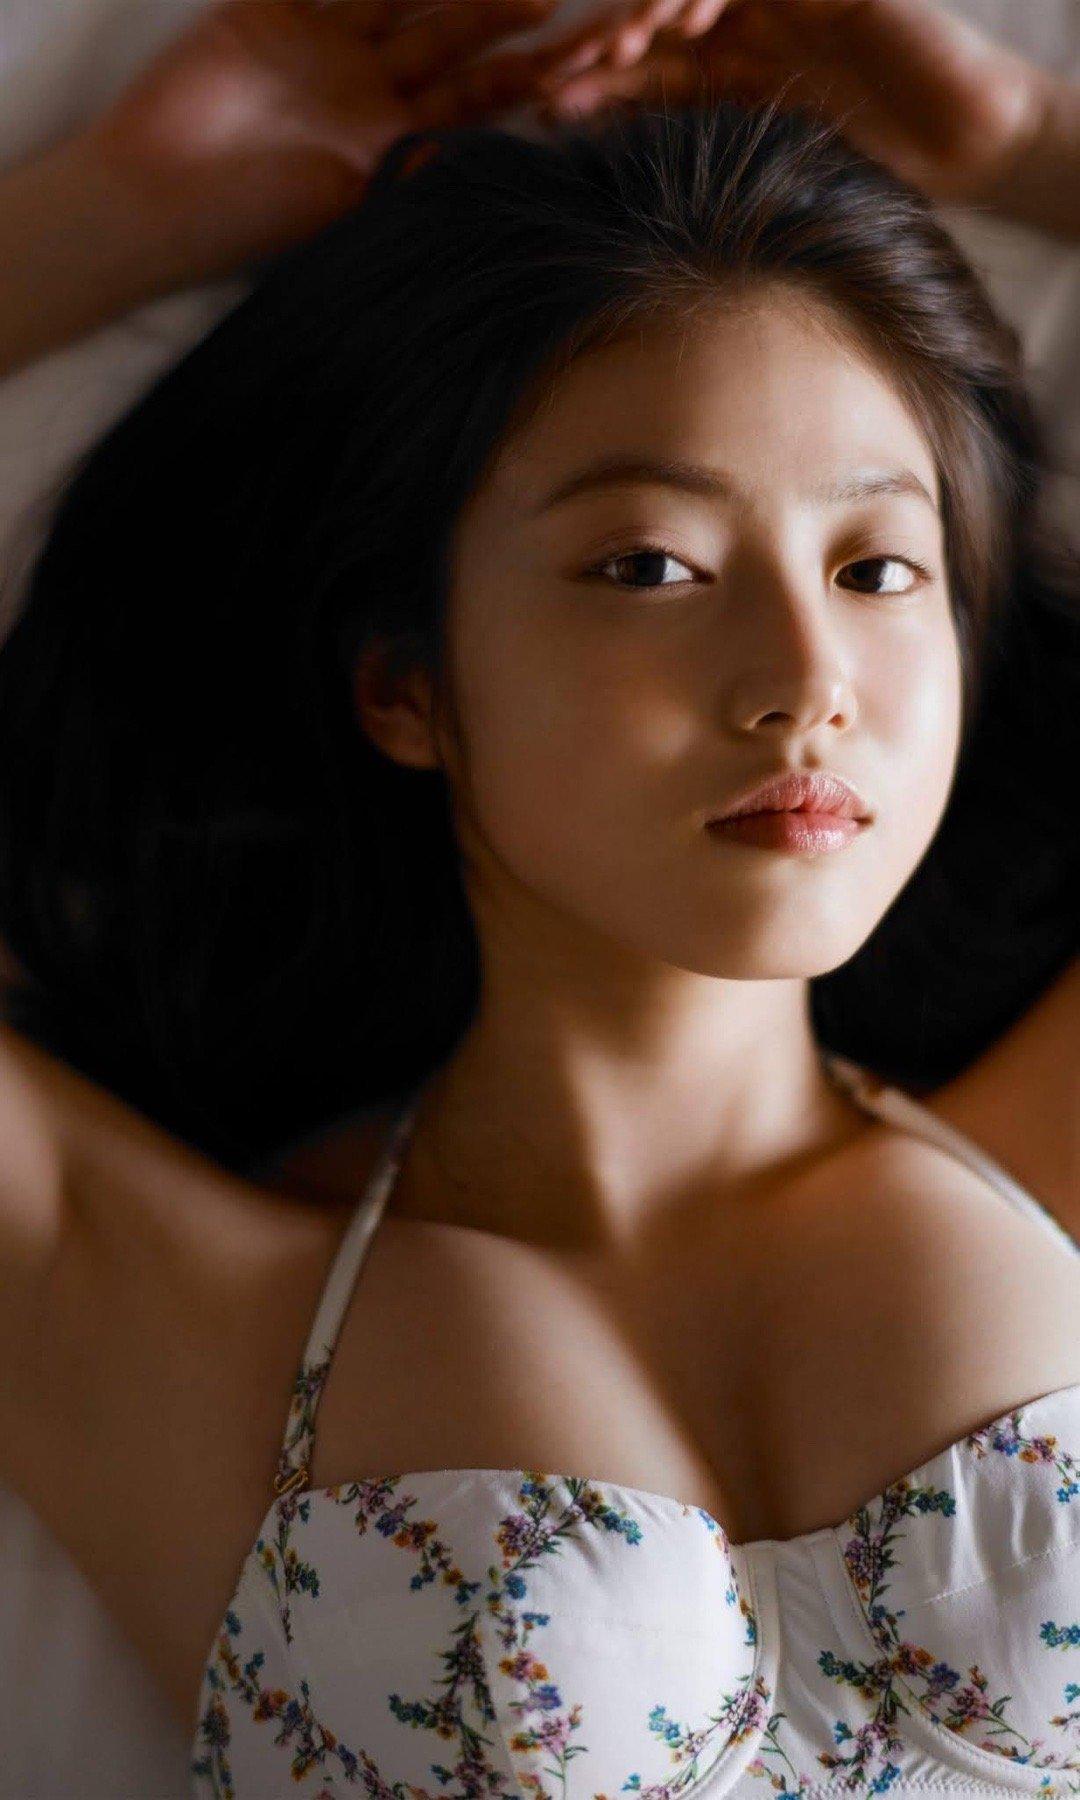 [妹子图]:今田美樱  网络美女 第8张